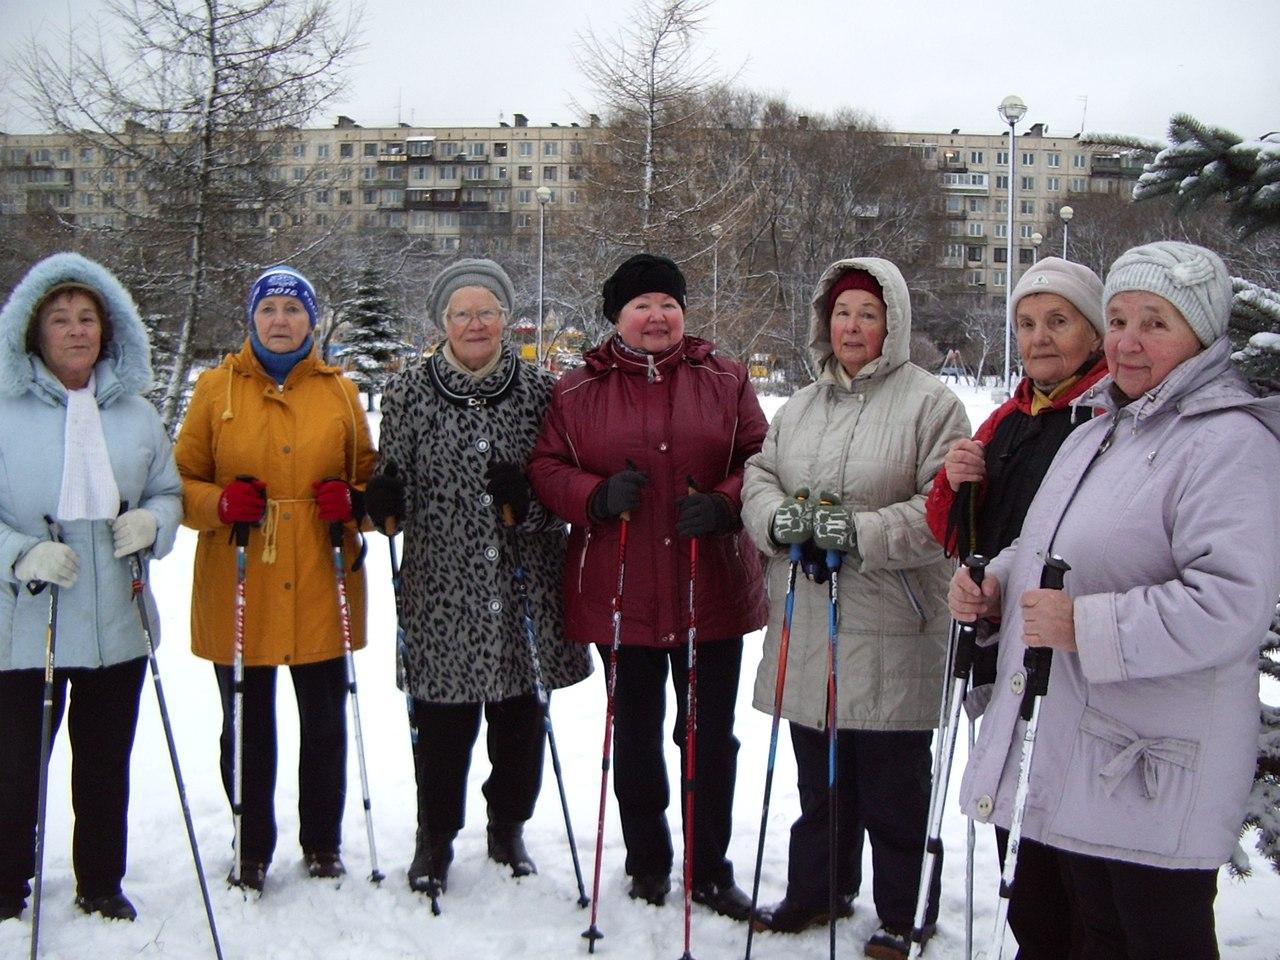 Яблоневый сад, тренировка 26 декабря 2017 фототчёт по Скандинавской ходьбе (Nordic walking)